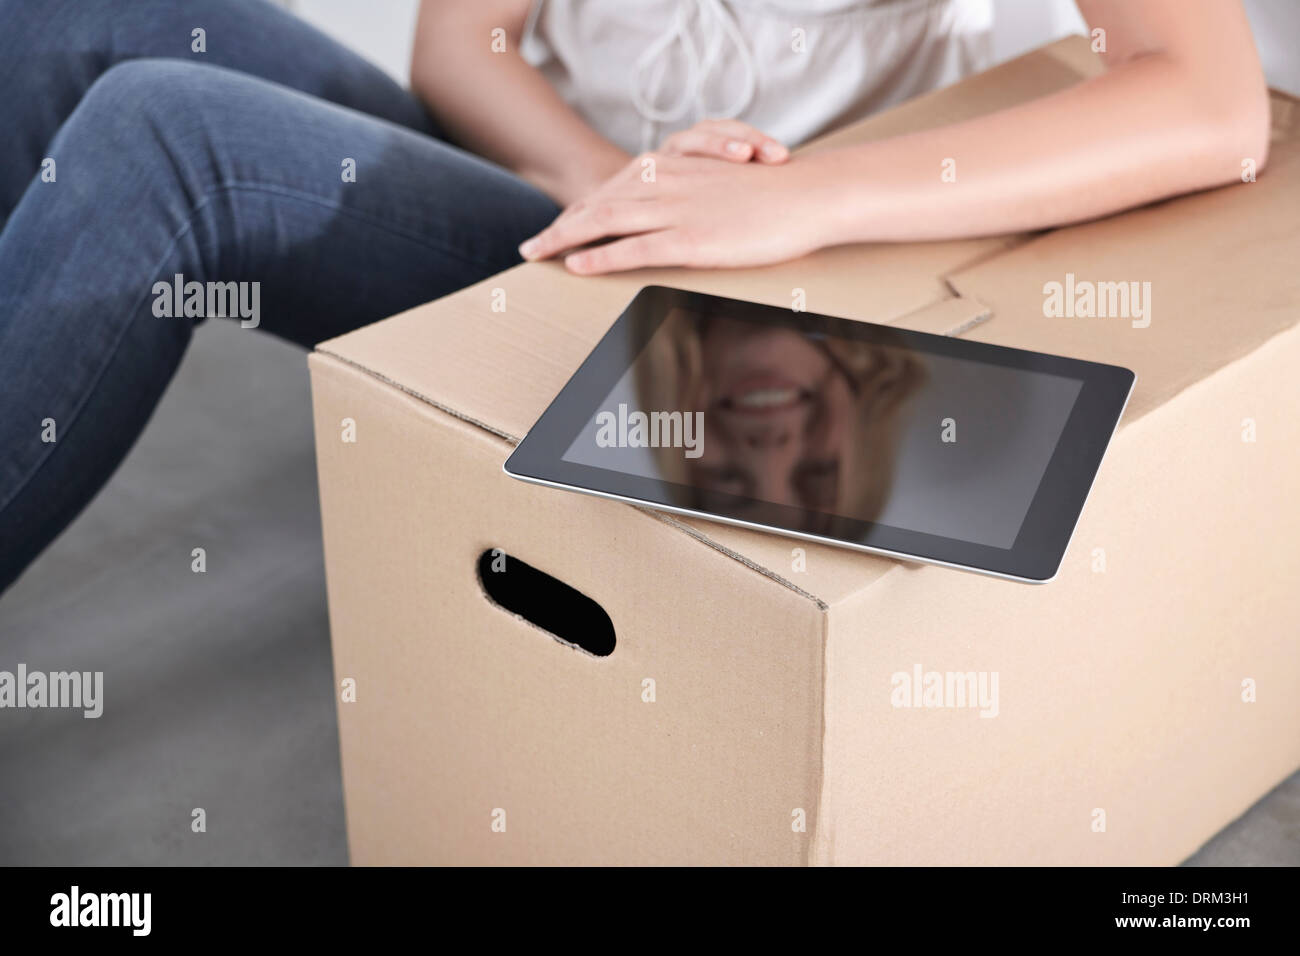 Mujer joven con caja de cartón y tablet pc Imagen De Stock